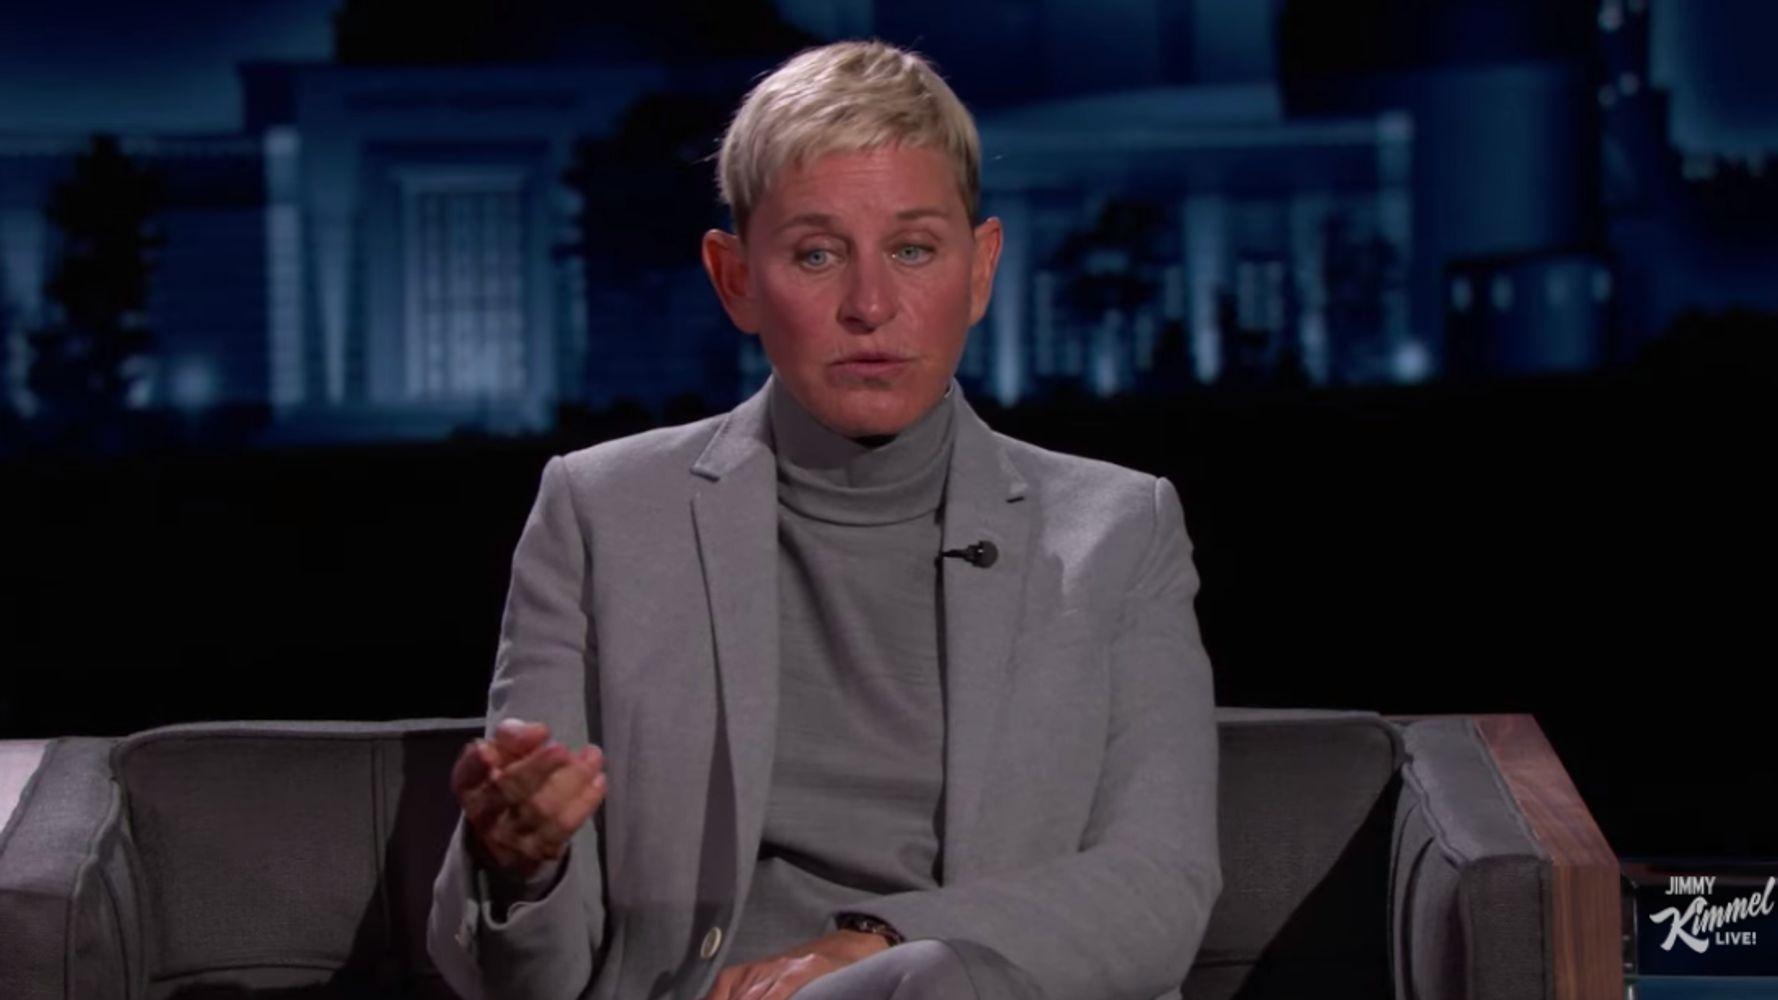 Ellen DeGeneres shares a wild weed drink story with her husband Portia de Rossi